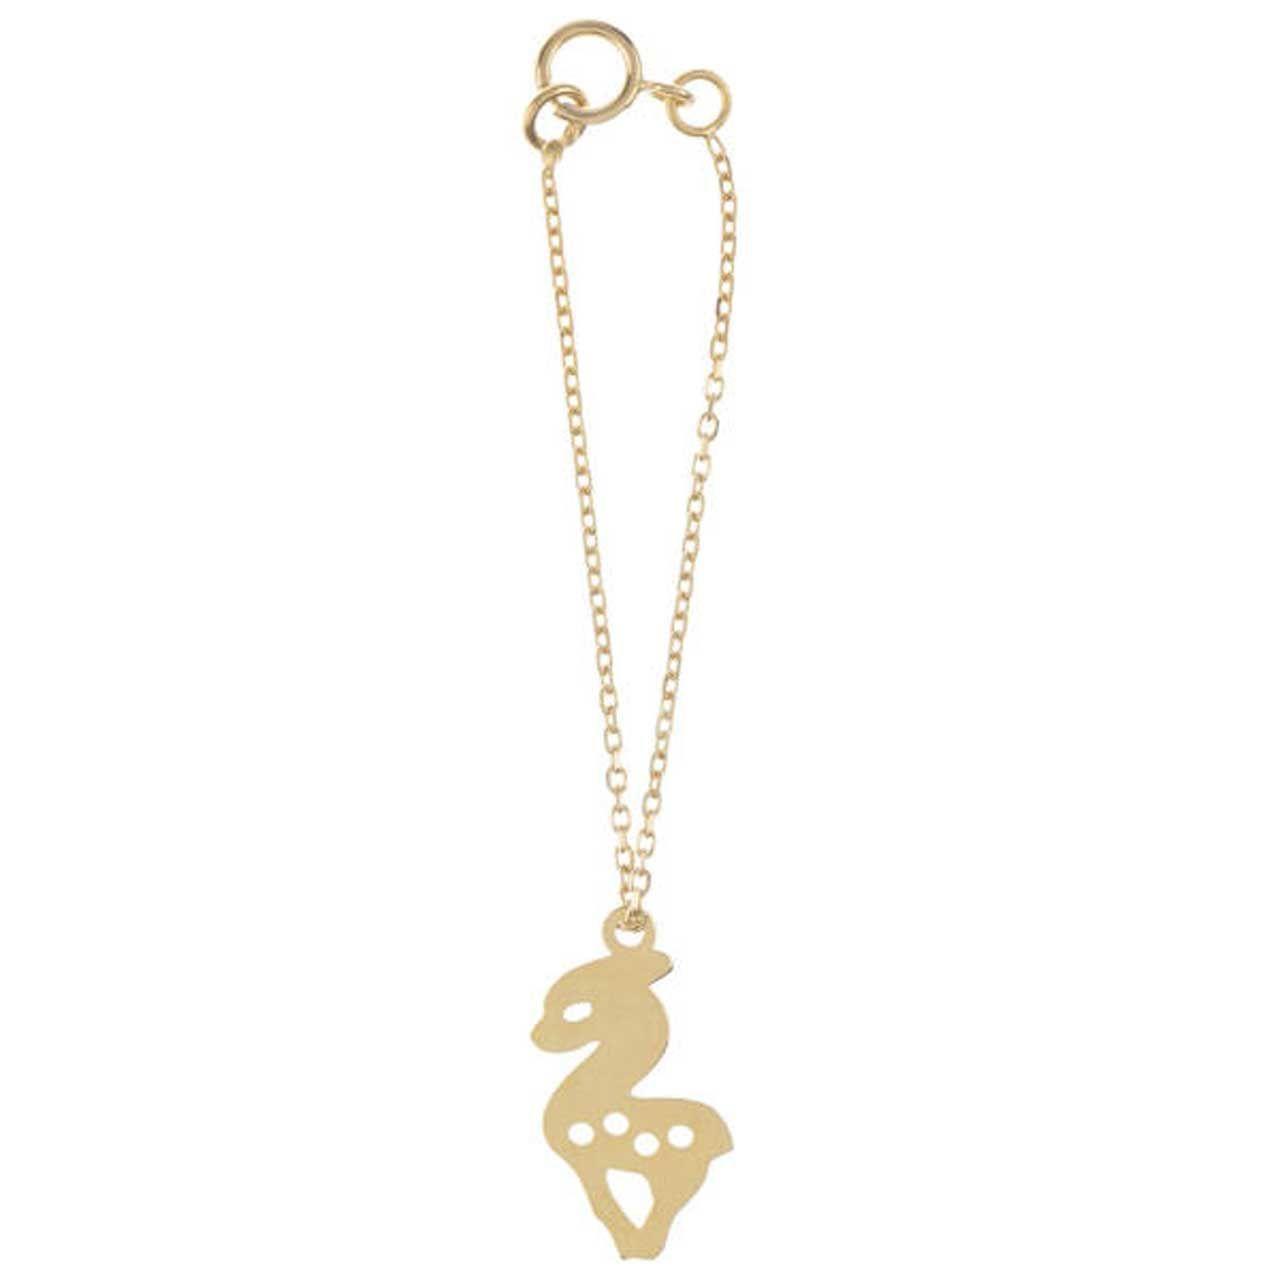 آویز ساعت طلا 18 عیار زنانه کانیار گالری کد AS106 -  - 2